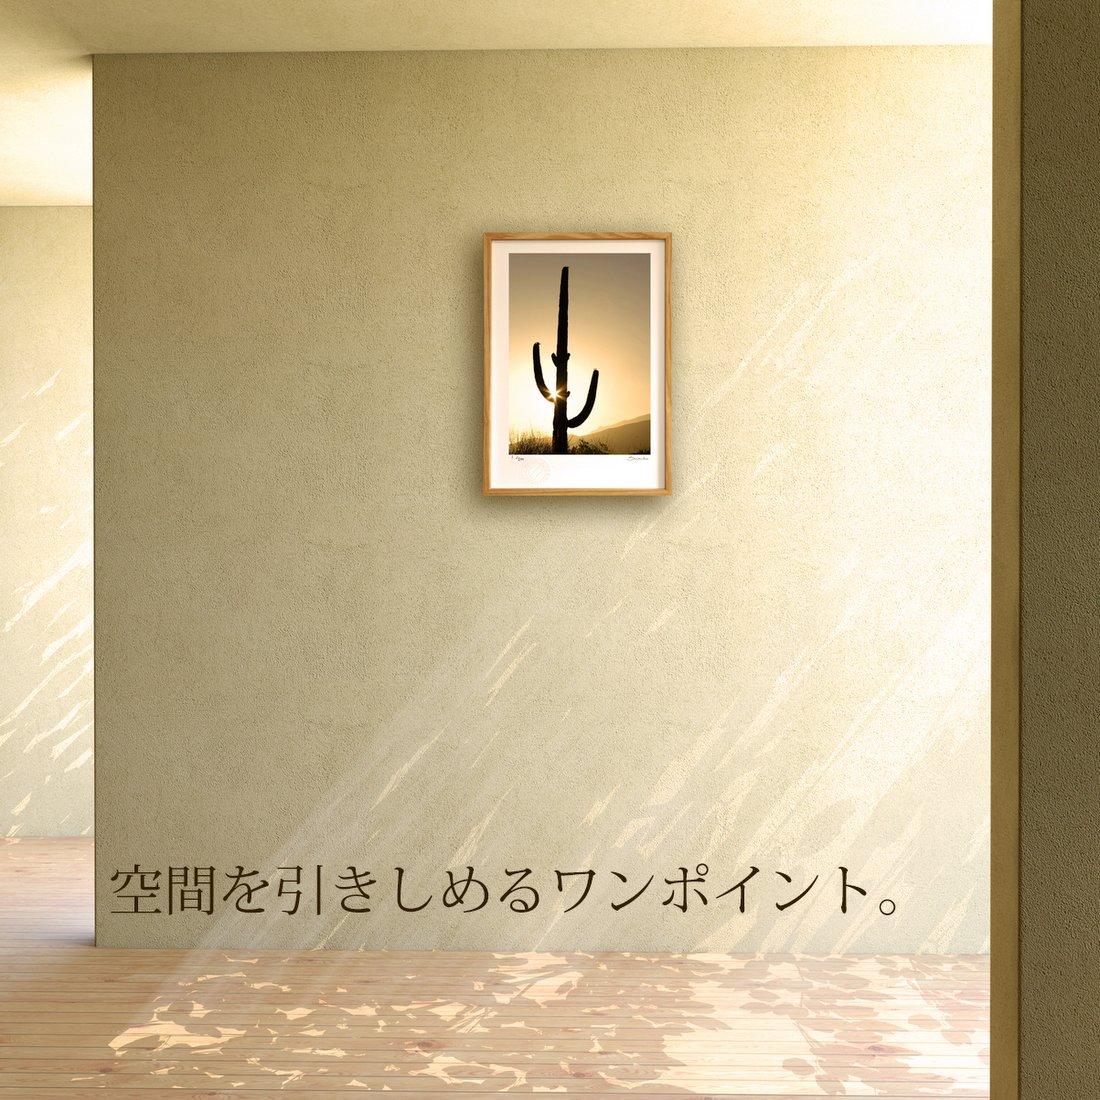 【版画 絵画】ニューメキシコのチリペッパーと青いドア(スミコ スコット)/インテリア 壁掛け 額入り アート アートパネル アートフレーム